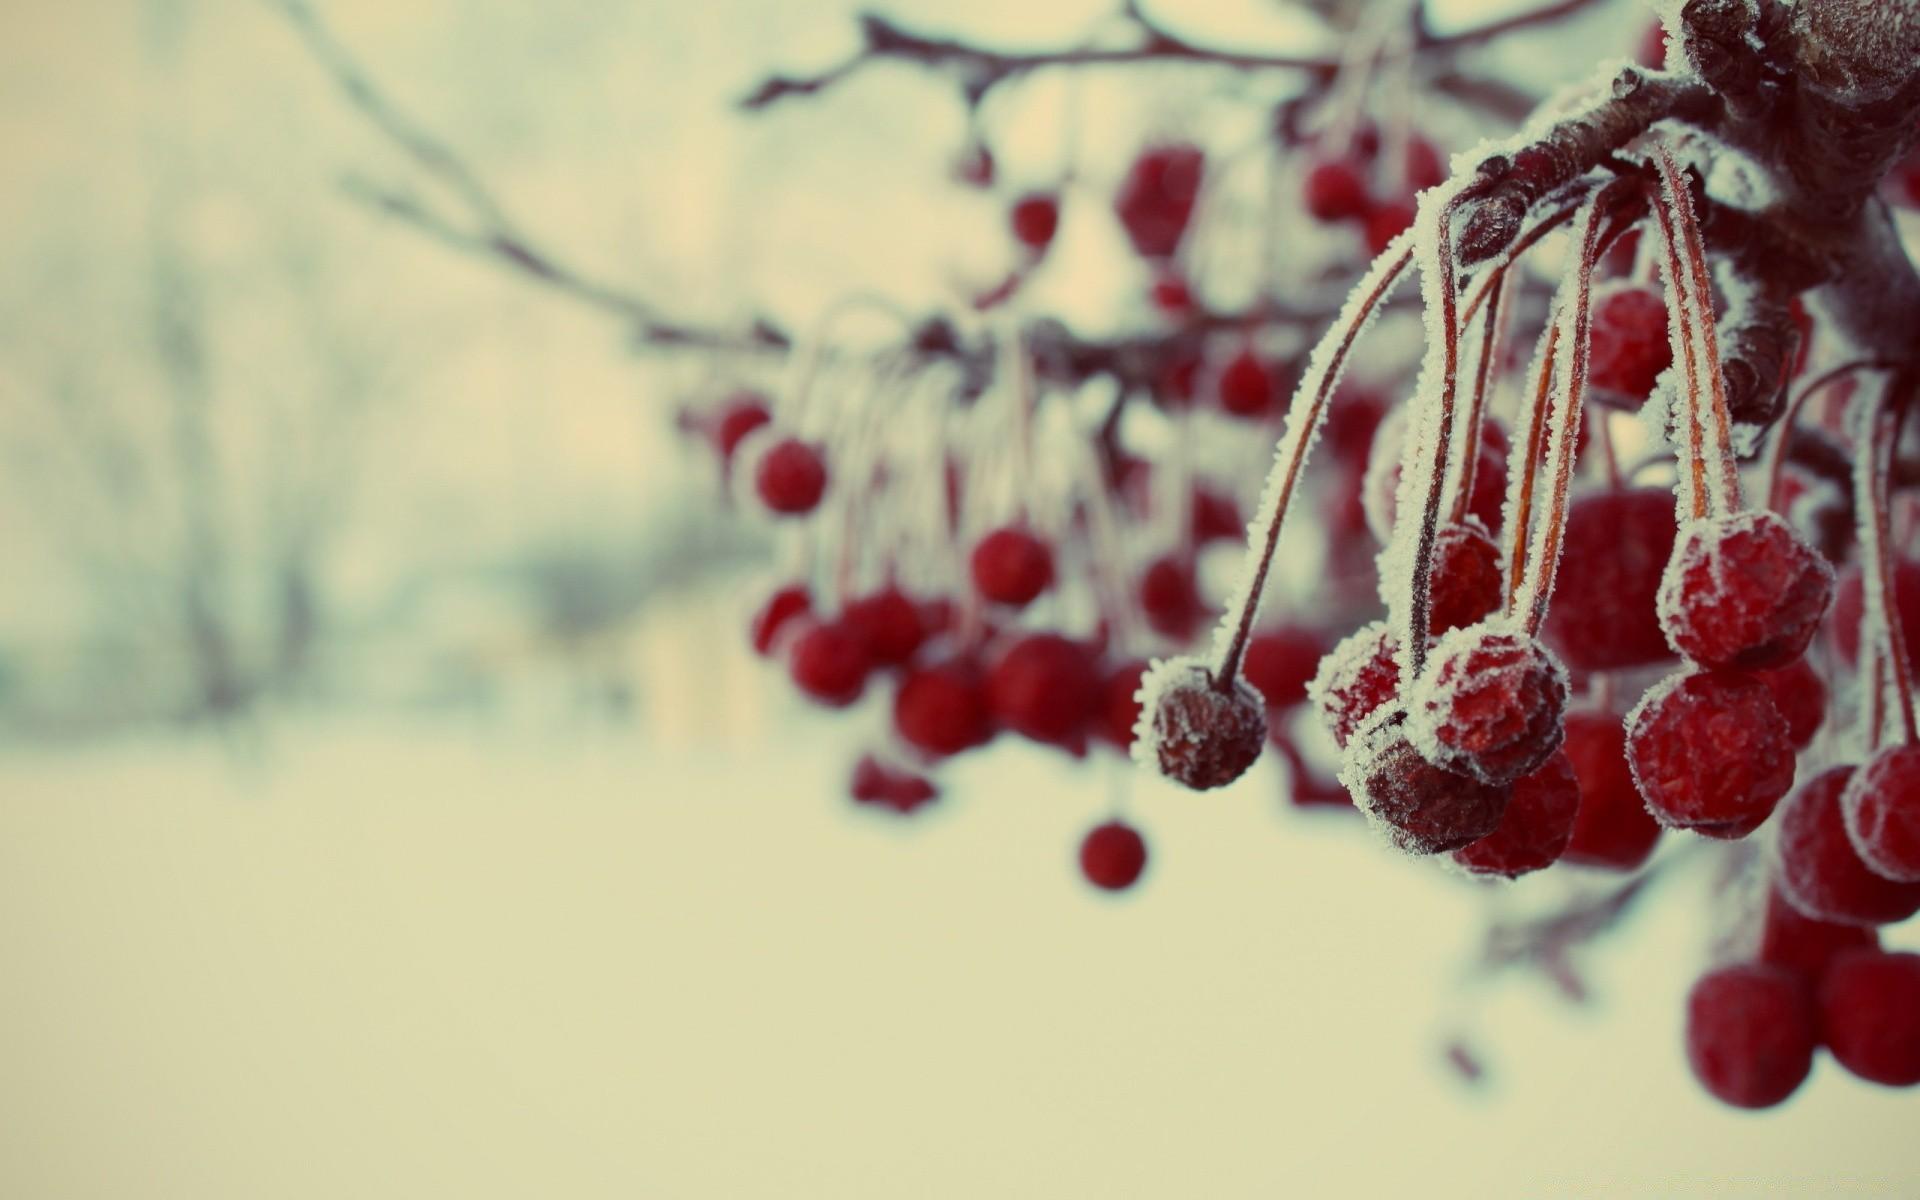 Frozen Berries Macro - Android wallpapers